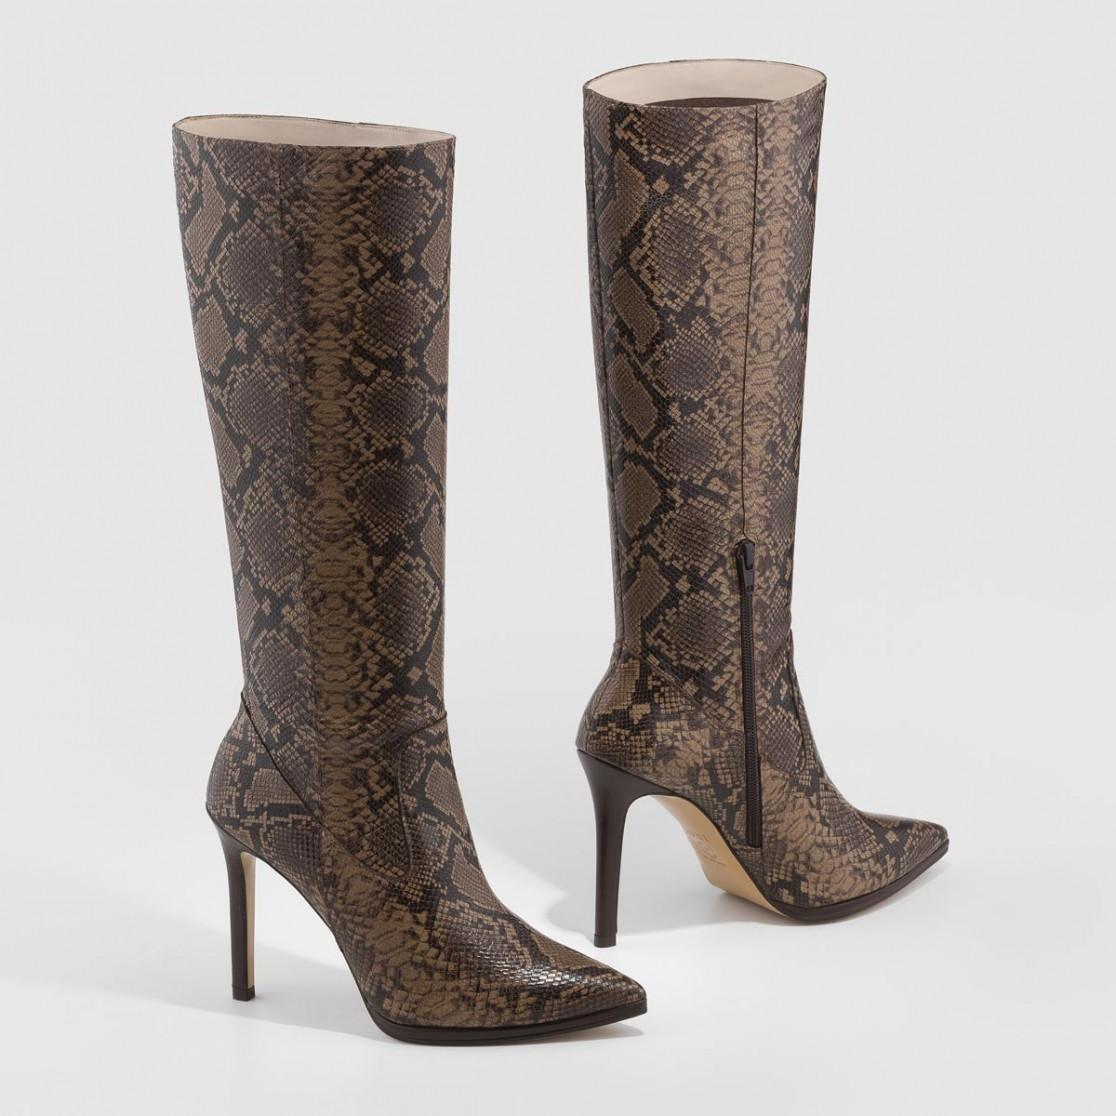 Bota Vasija-SR en piel marrón con estampado de serpiente   LODI Zapatos de mujer online